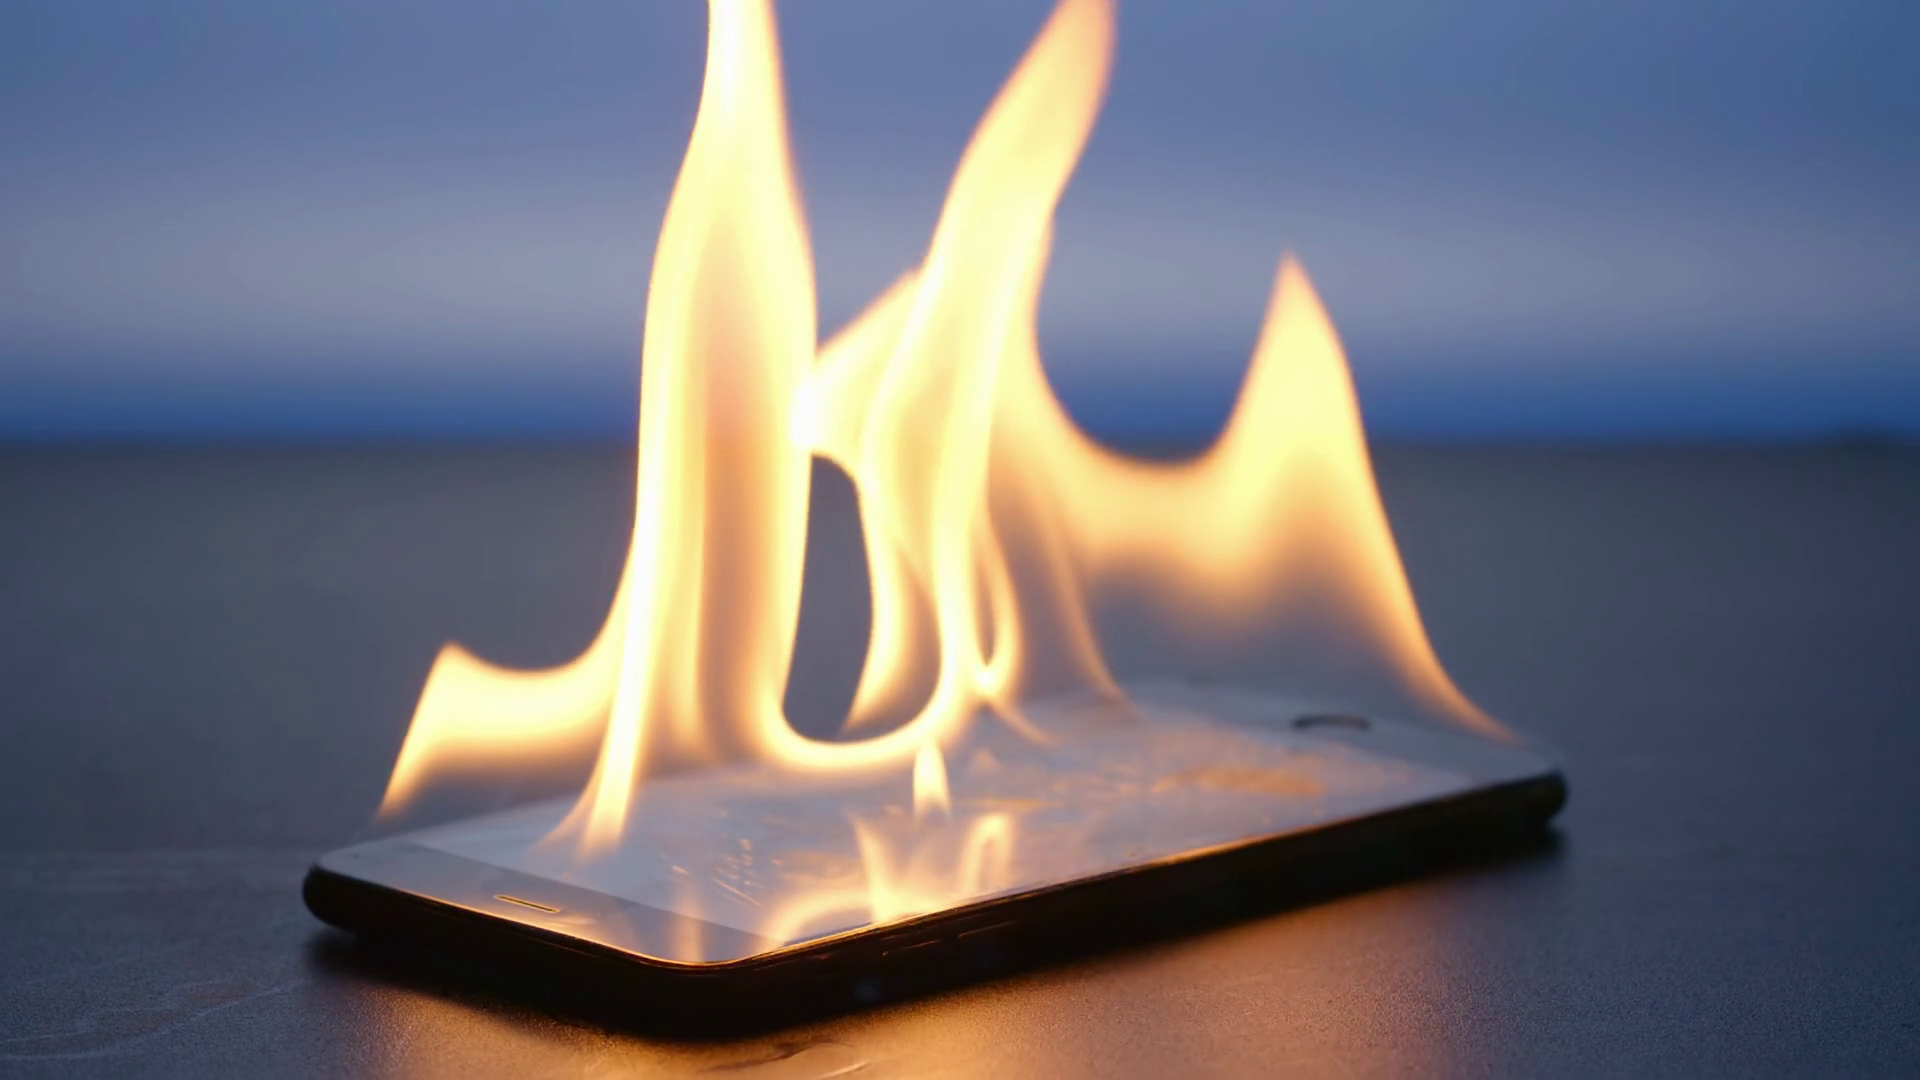 Dùng điện thoại ngoài trời nắng 40 độ có gây hại, thậm chí tai nạn cháy nổ hay không?-1